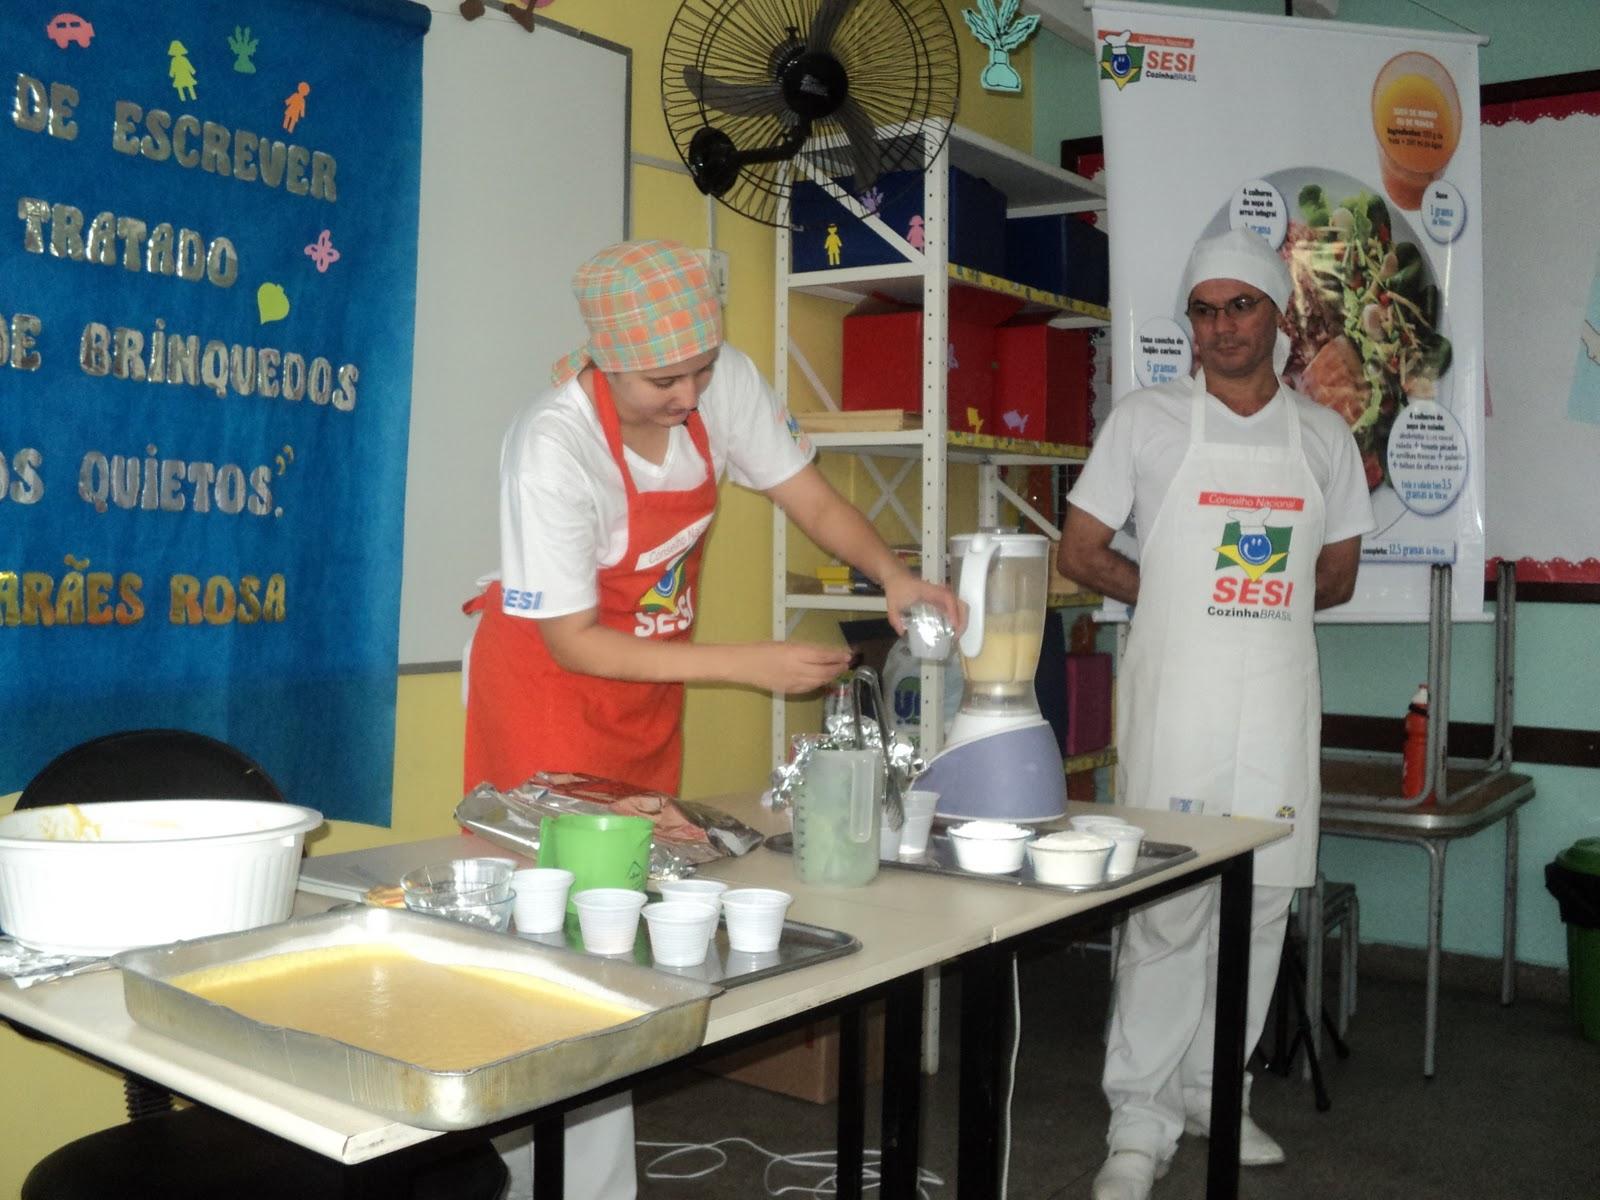 Cozinha Brasil no Bairro Educador Santa Cruz #074670 1600 1200